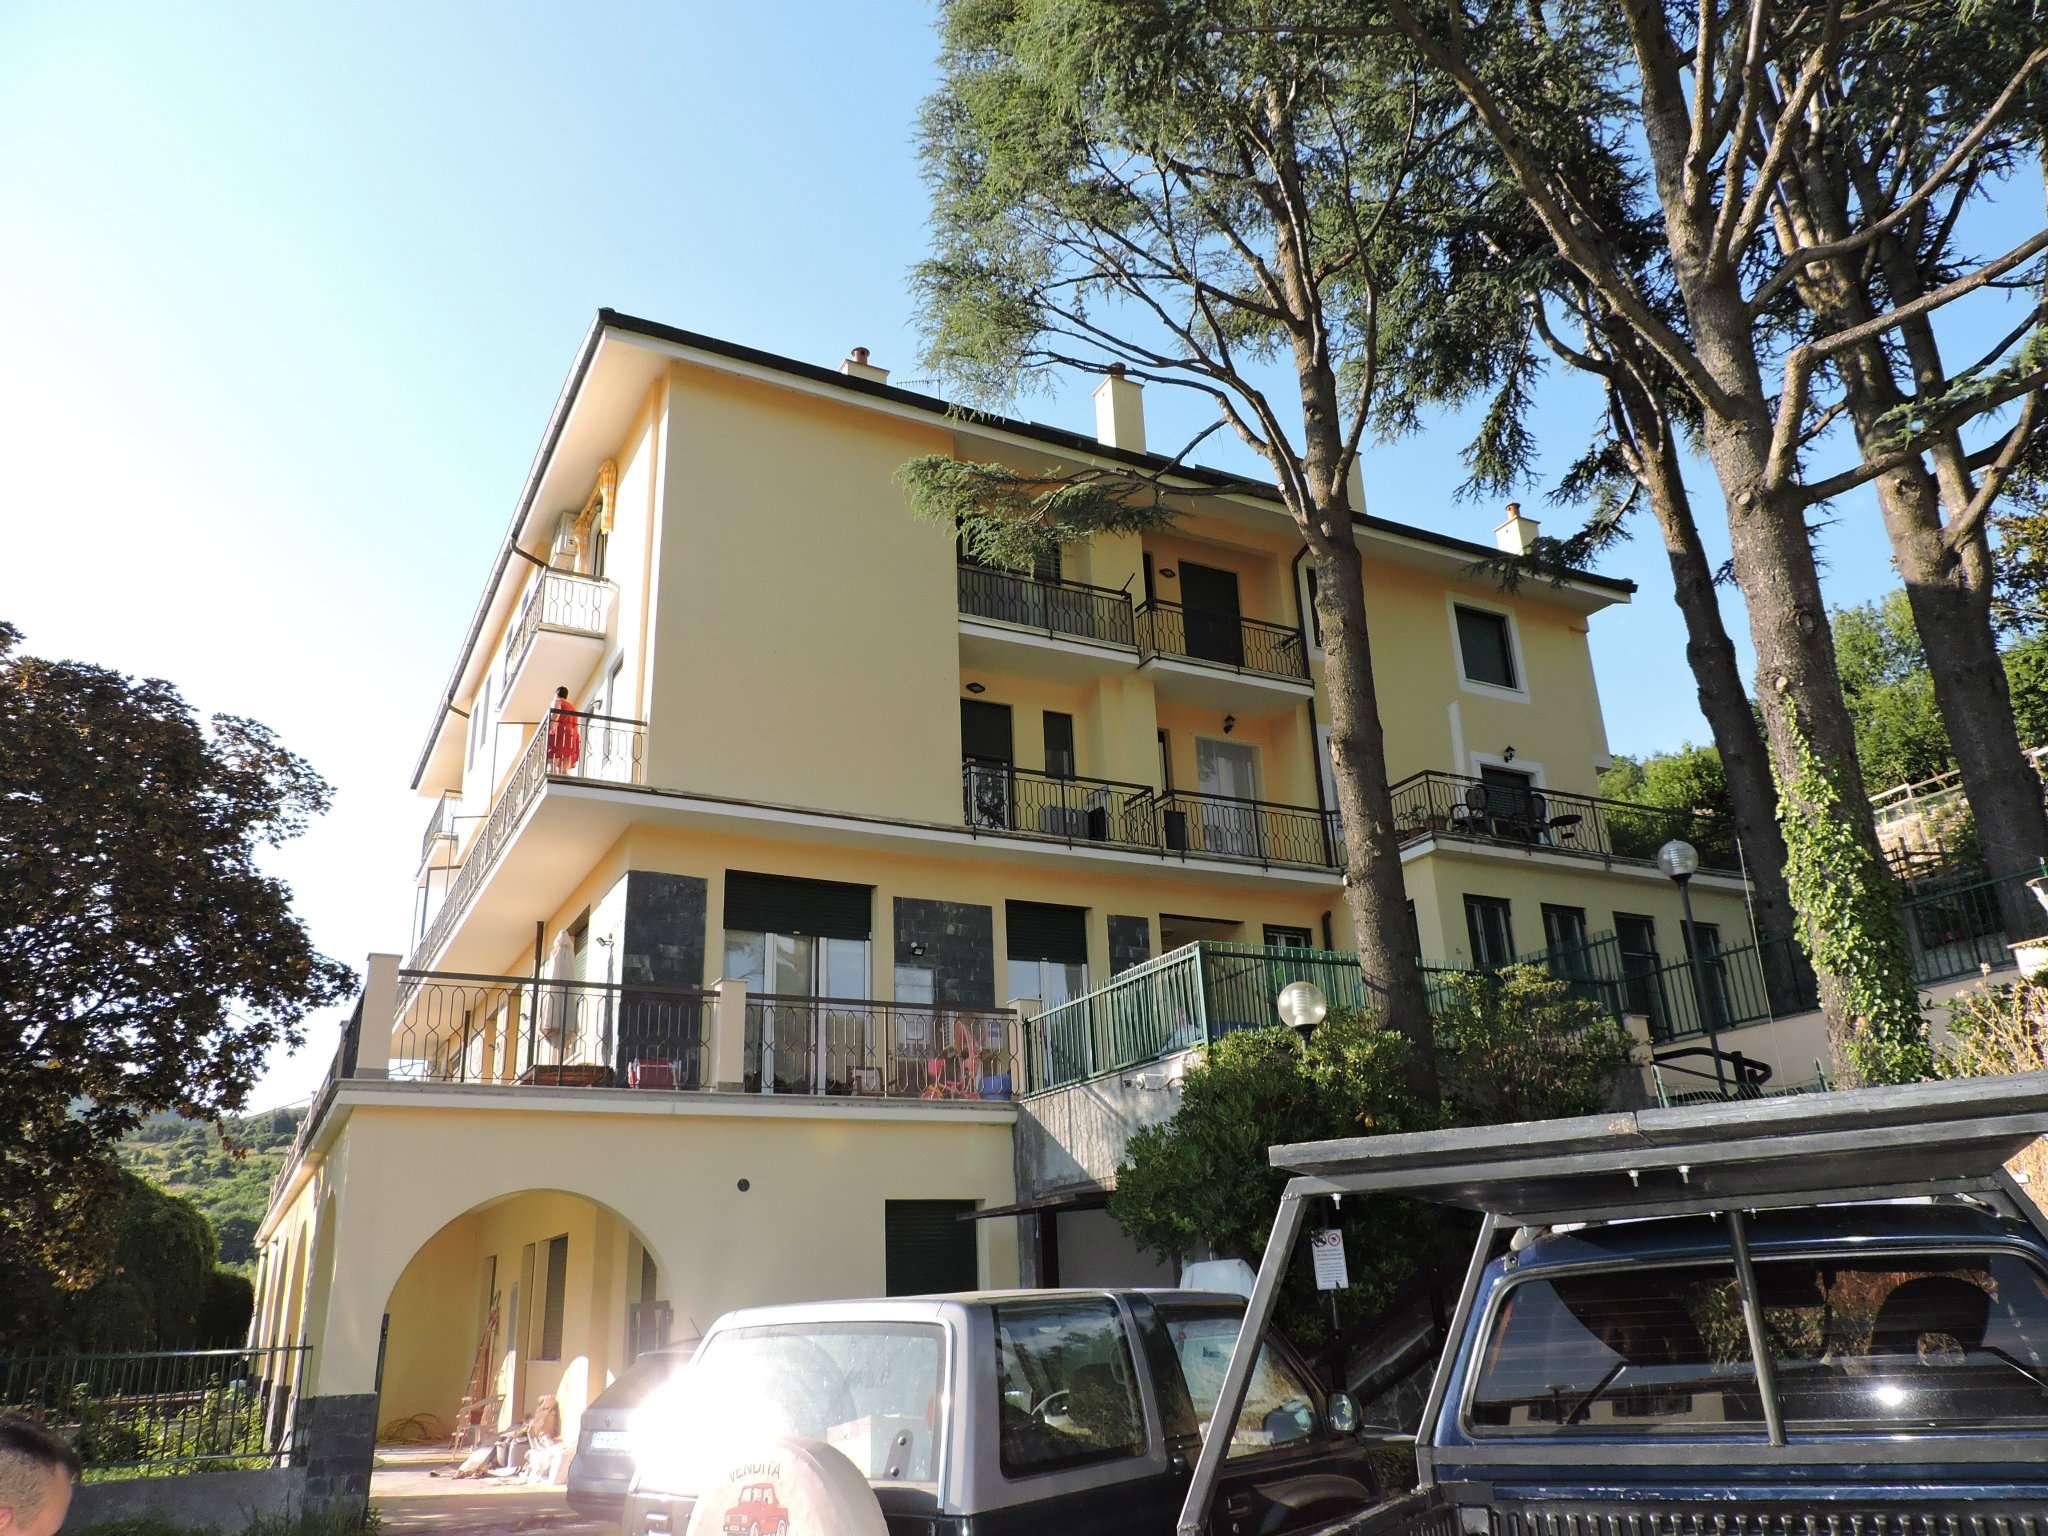 Attico / Mansarda in vendita a Sant'Olcese, 4 locali, prezzo € 220.000 | PortaleAgenzieImmobiliari.it